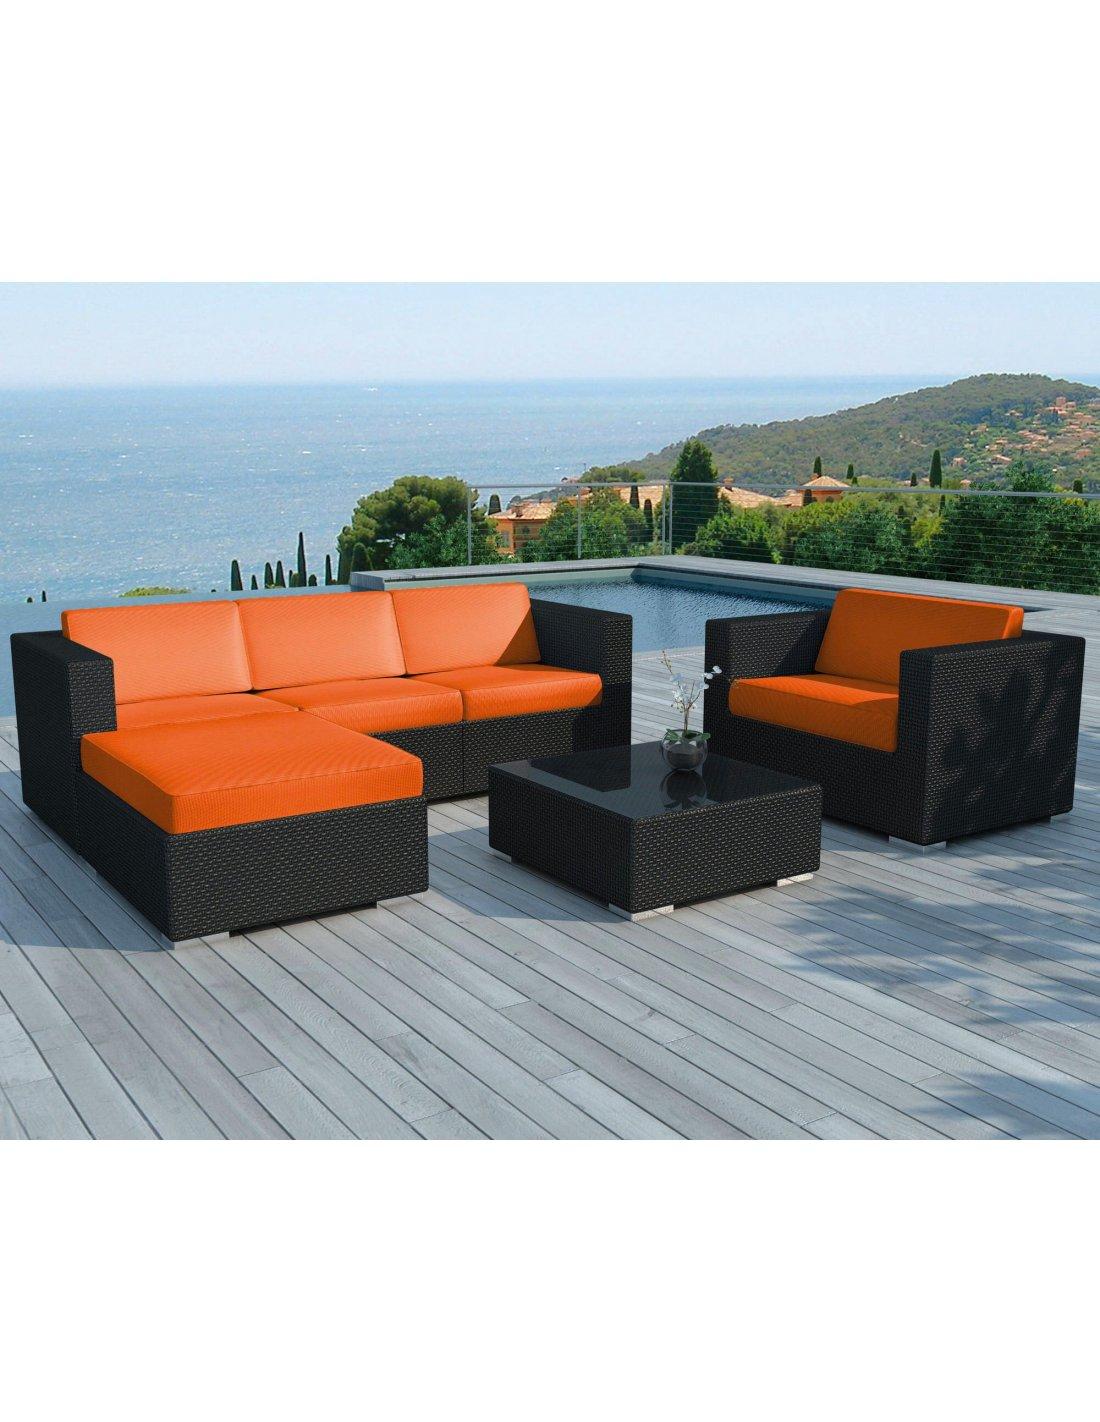 Sd8201 Orange (Sd8201 Black-White + Housse Orange) Salon De Jardin ...